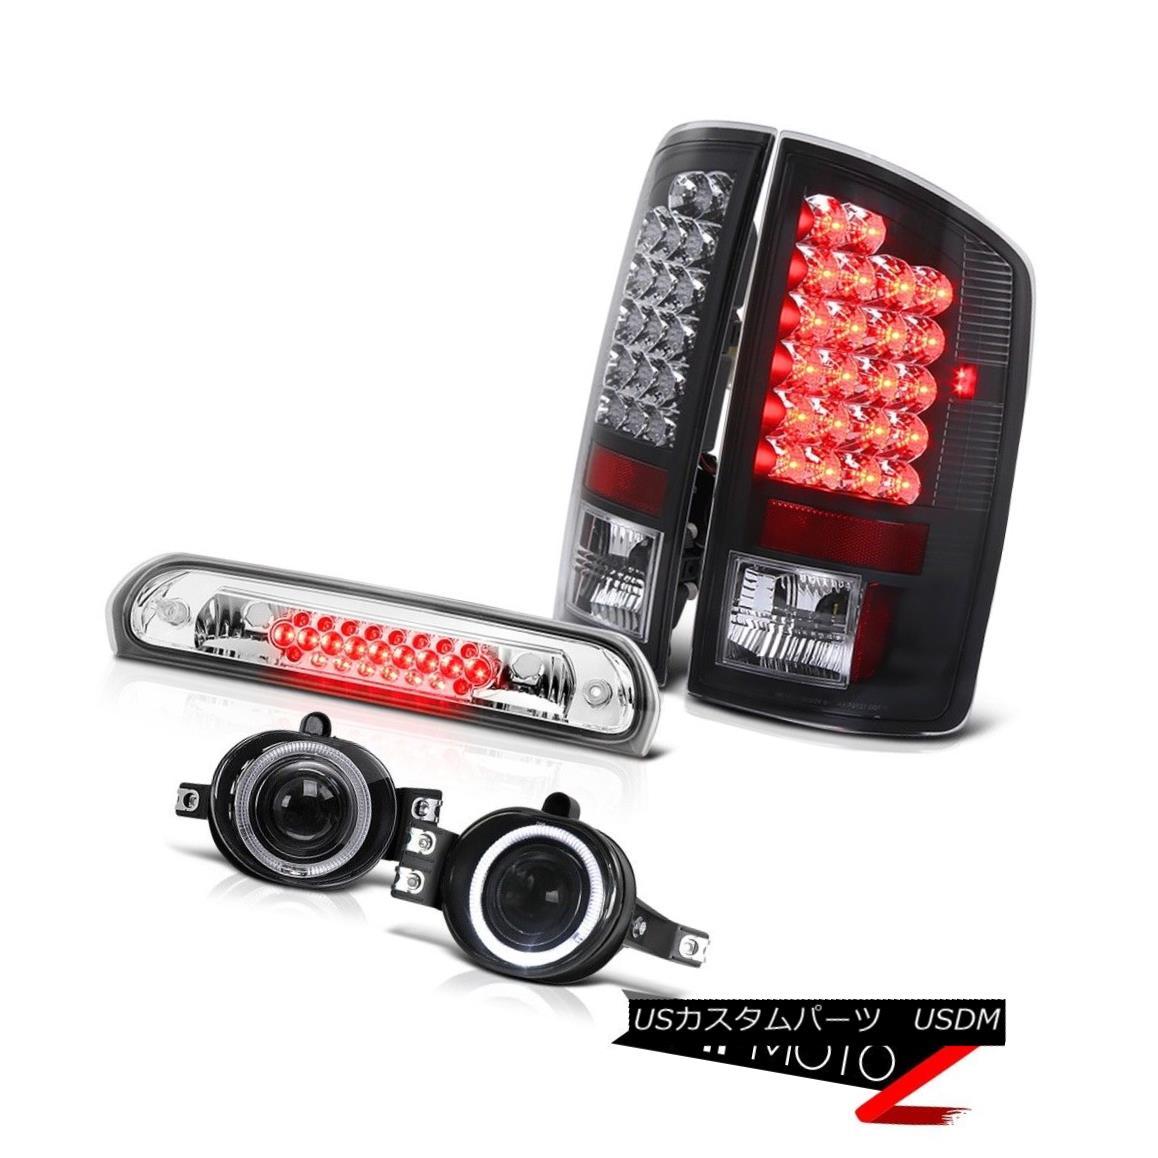 テールライト 2006 Dodge Ram Hemi Black Brake LED Tail Lights Glass Projector Fog Roof Cargo 2006ダッジラムヘミブラックブレーキLEDテールライトガラスプロジェクターフォグ屋根貨物